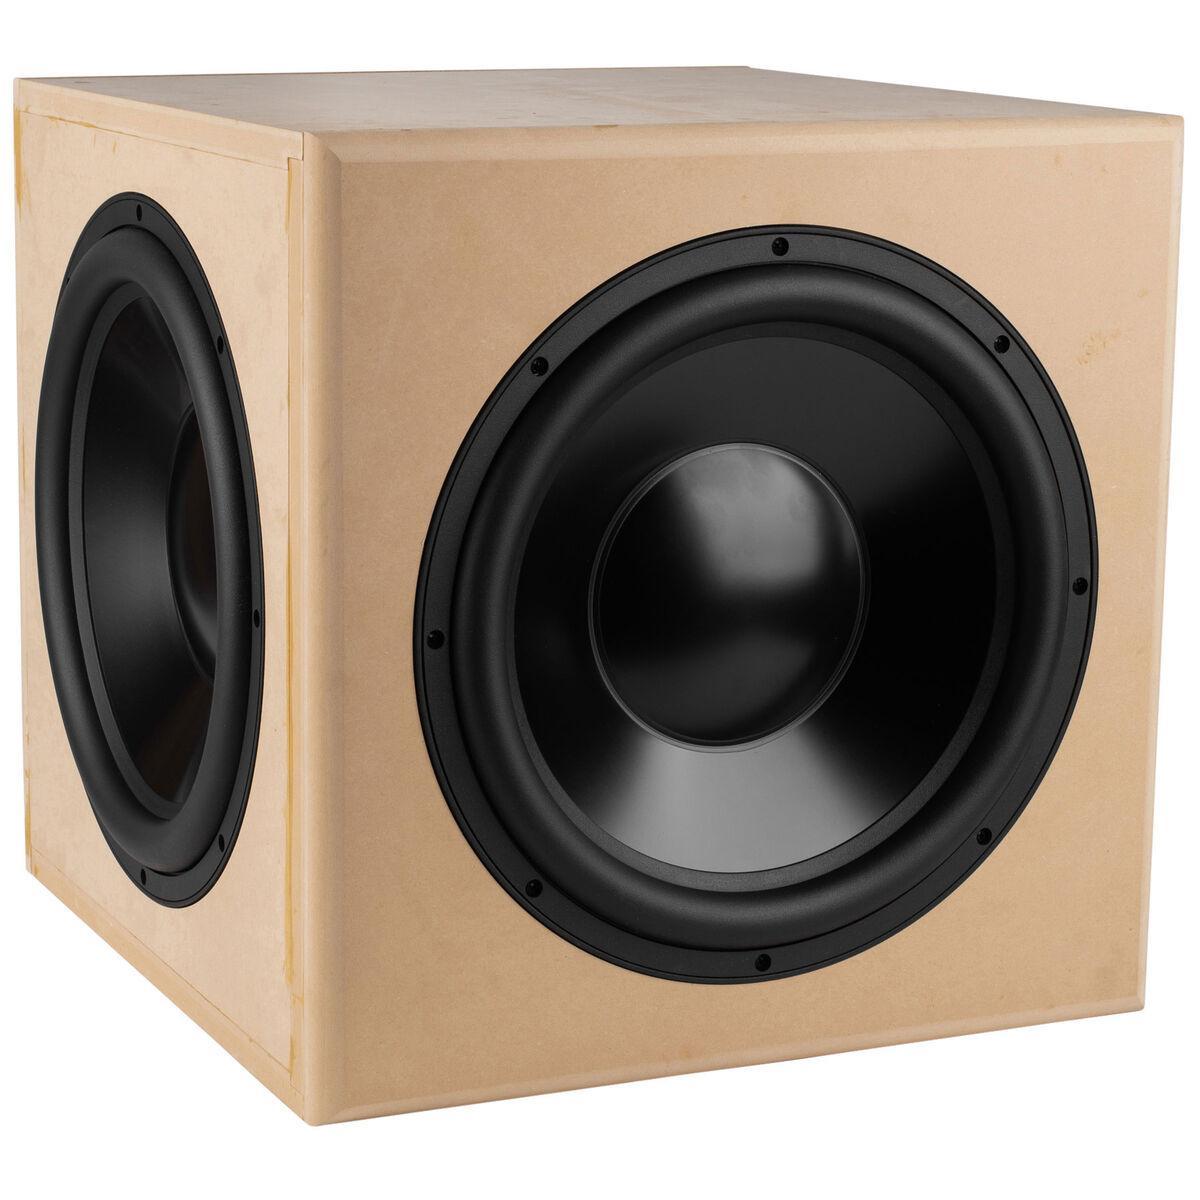 Behringer Monitor Speaker And Subwoofer Part NX3000D